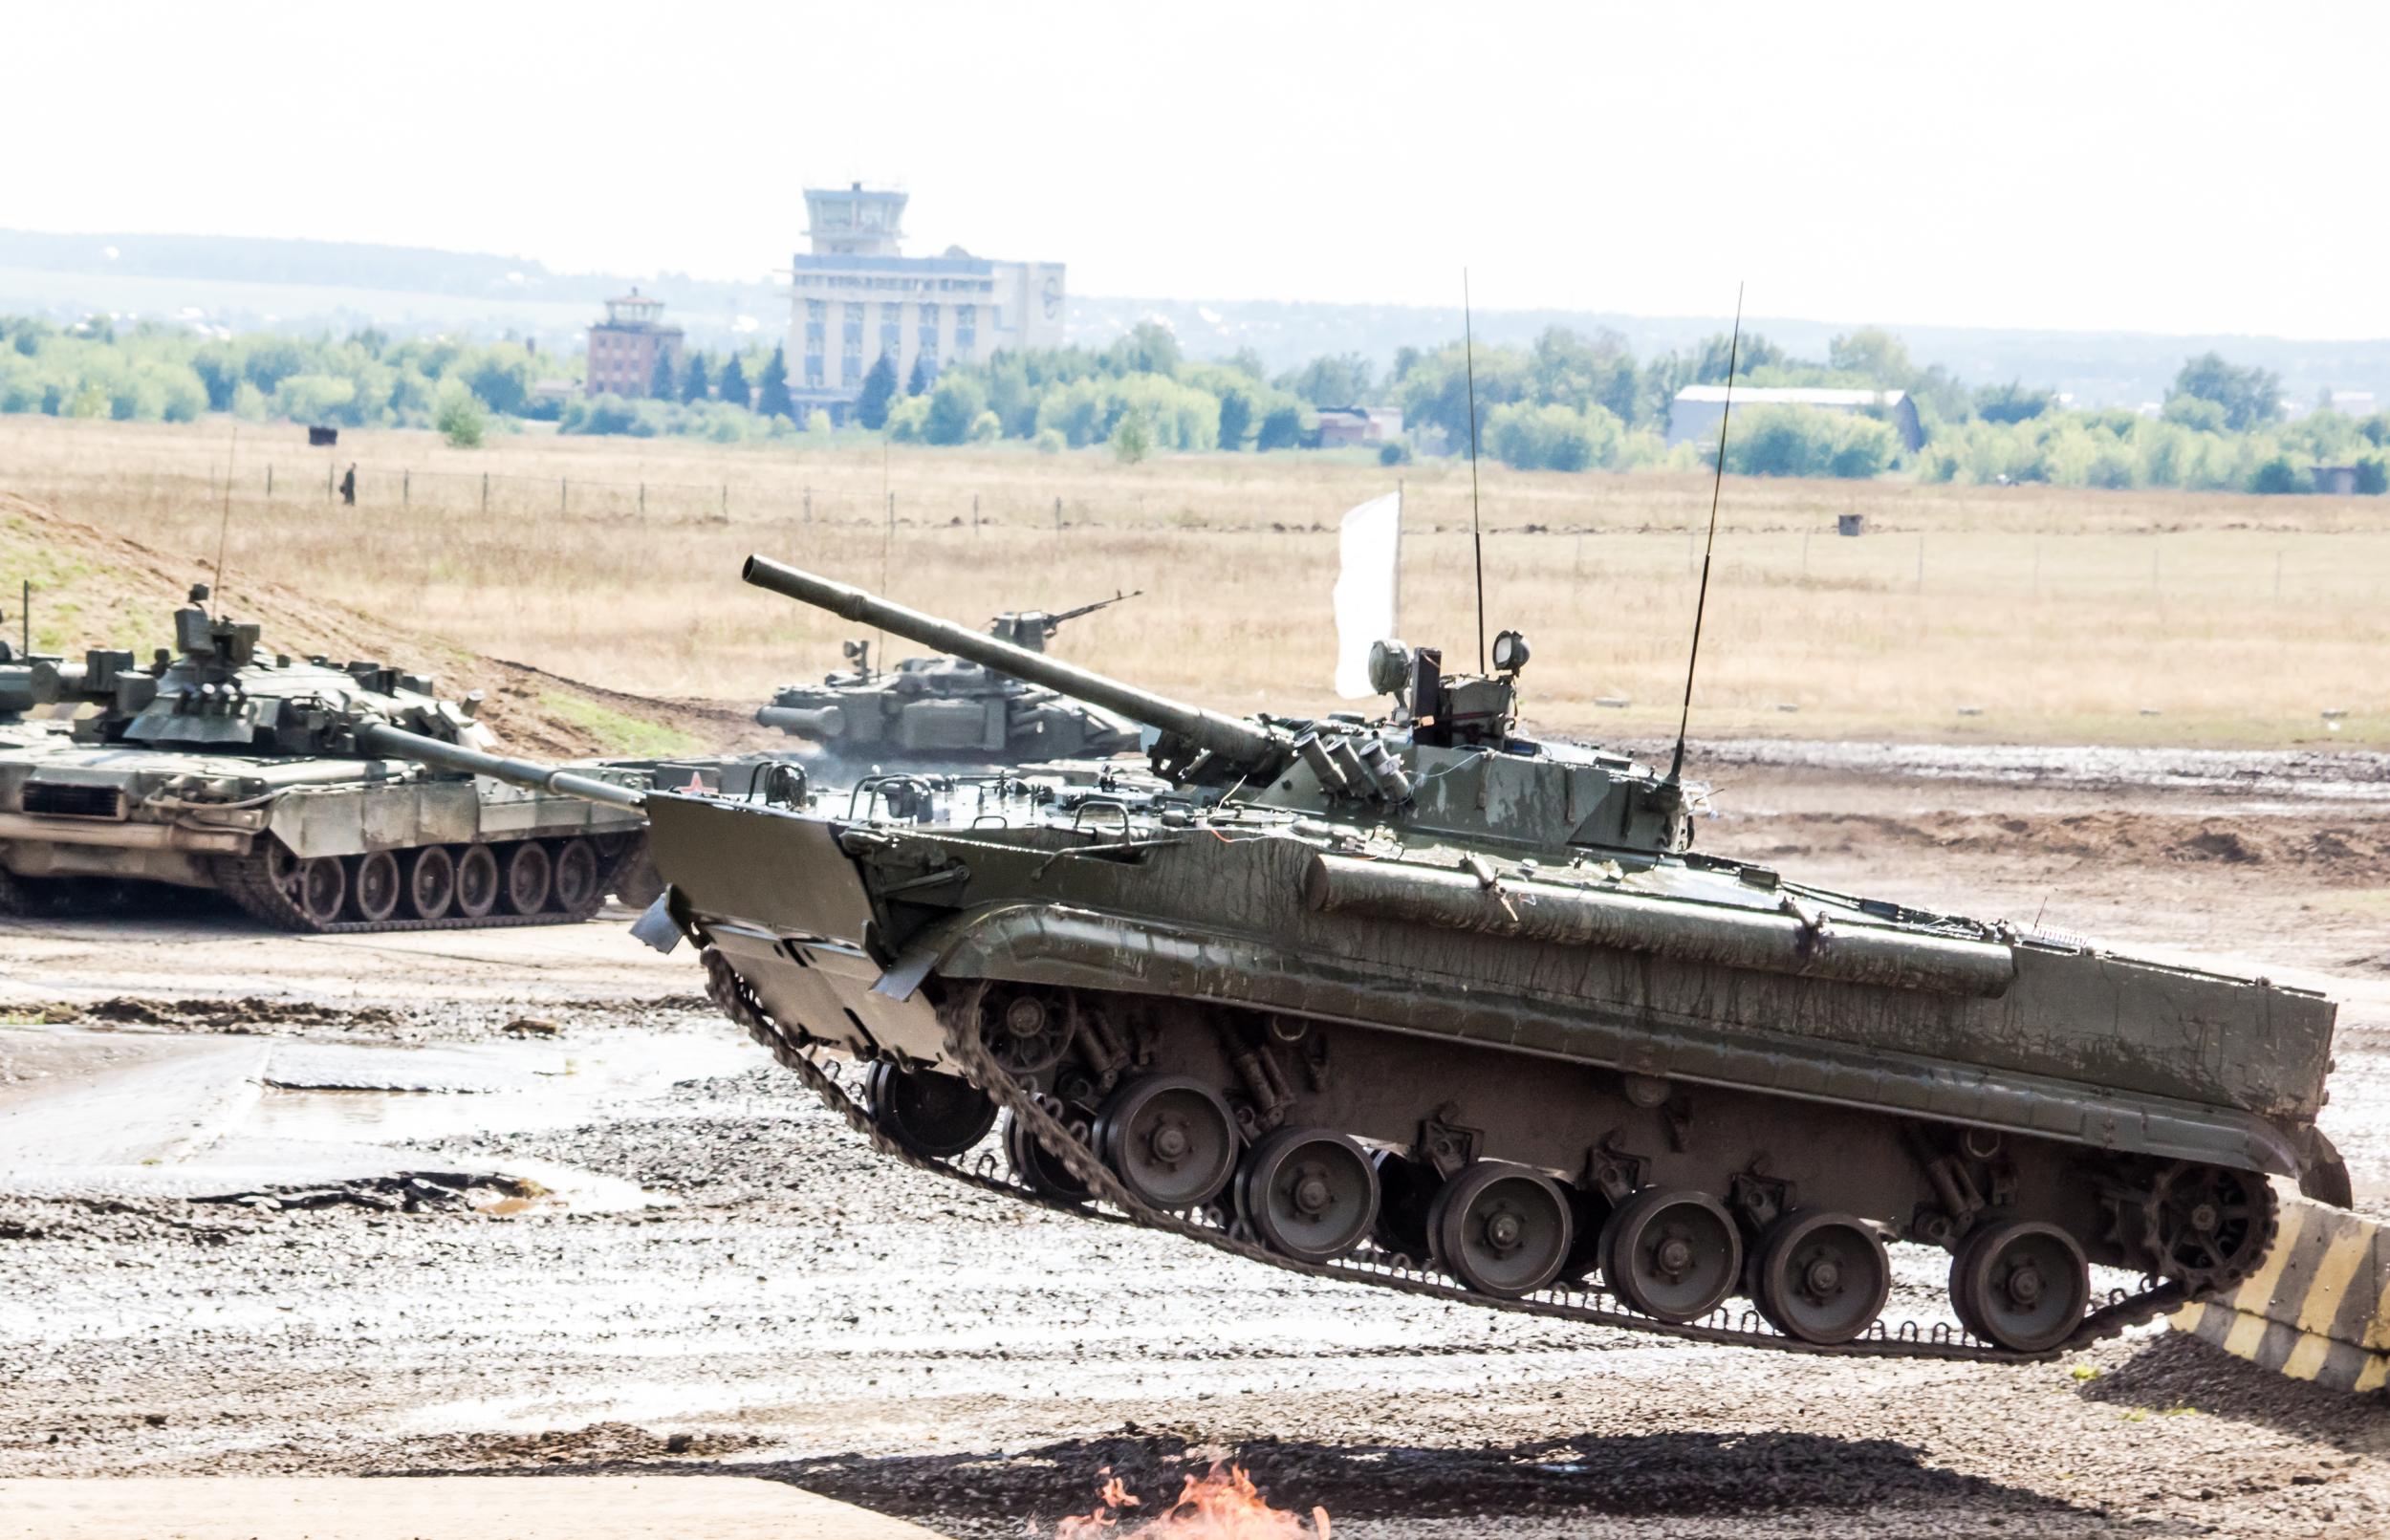 ювелирных изделий фото российской боевой техники для раковин представленные